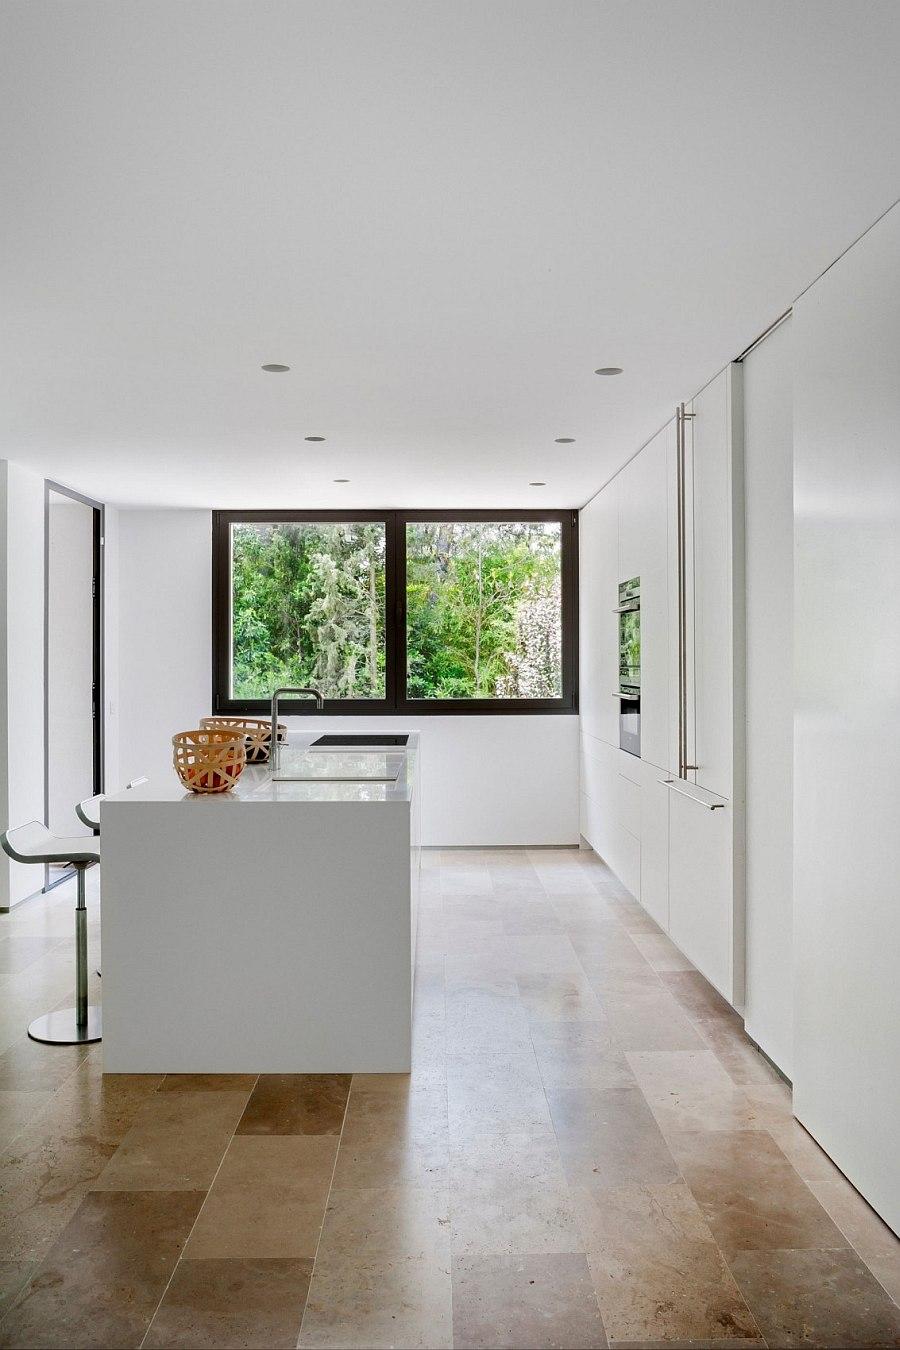 Sleek, ultra-modern kitchen in white